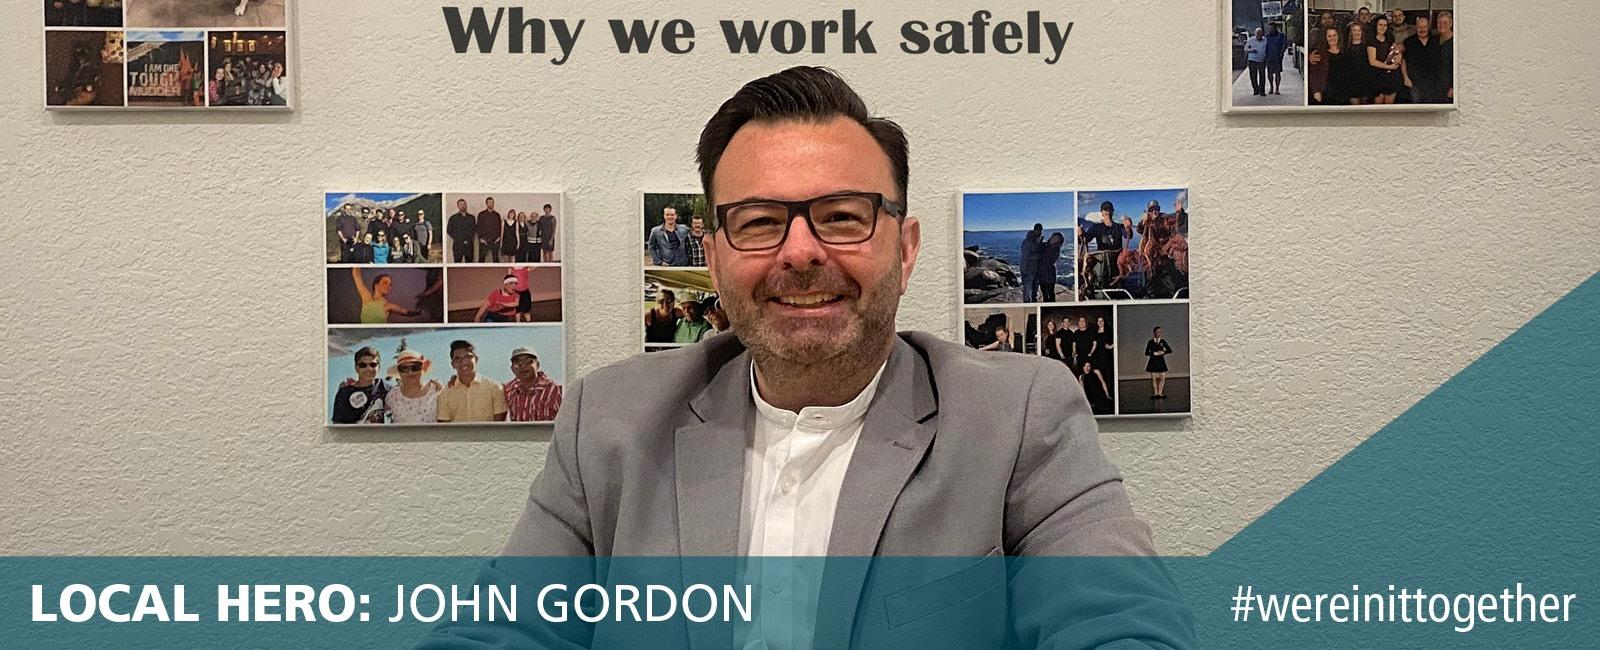 Local Hero: John Gordon, CEO of Servco Canada Group